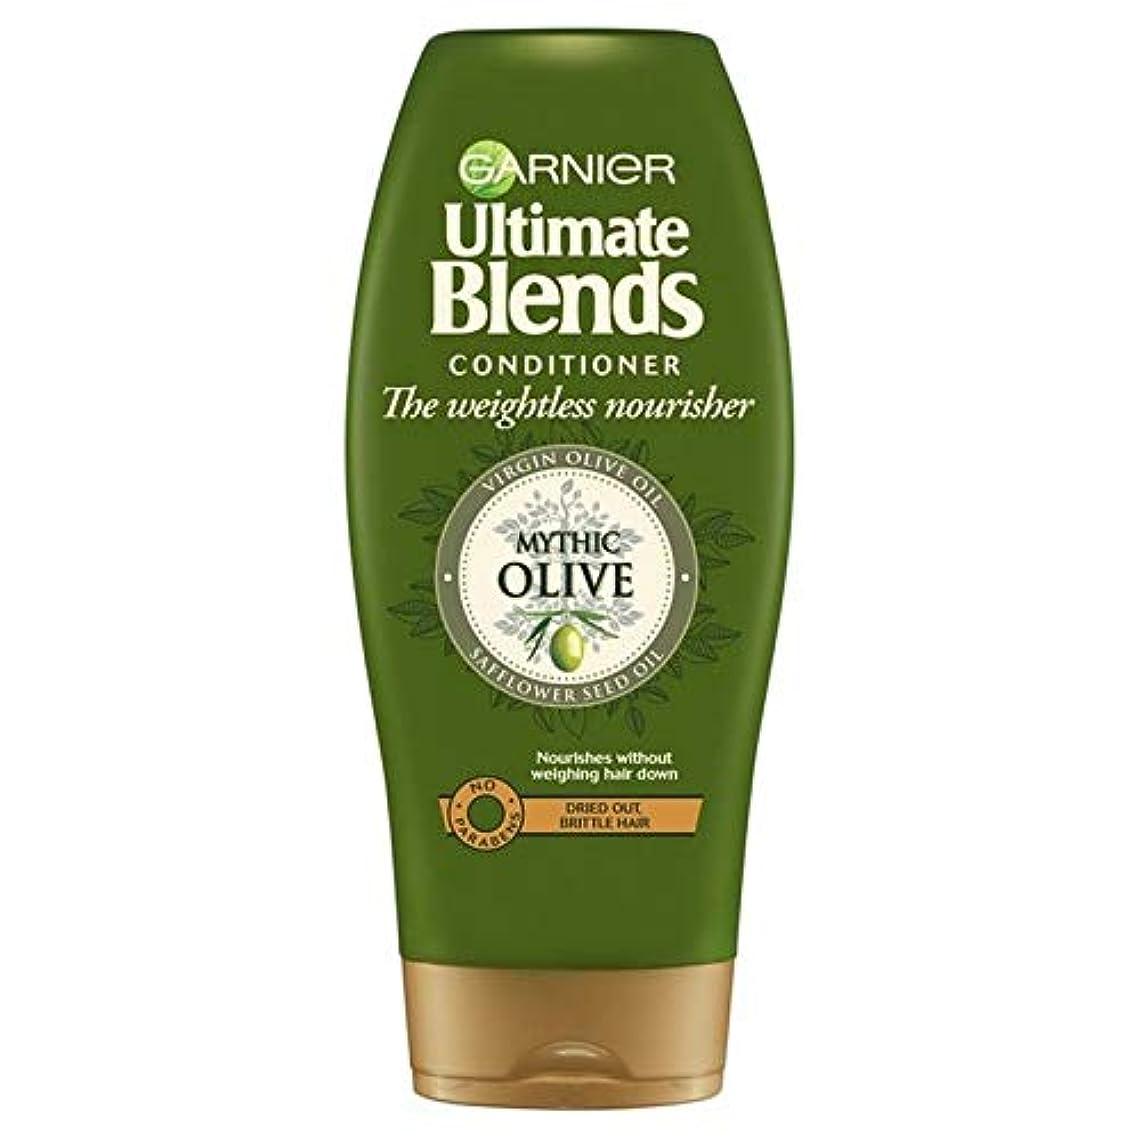 温かい嘆願リベラル[Garnier ] ガルニエ究極のオリーブオイルドライヘアコンディショナー360ミリリットルをブレンド - Garnier Ultimate Blends Olive Oil Dry Hair Conditioner...